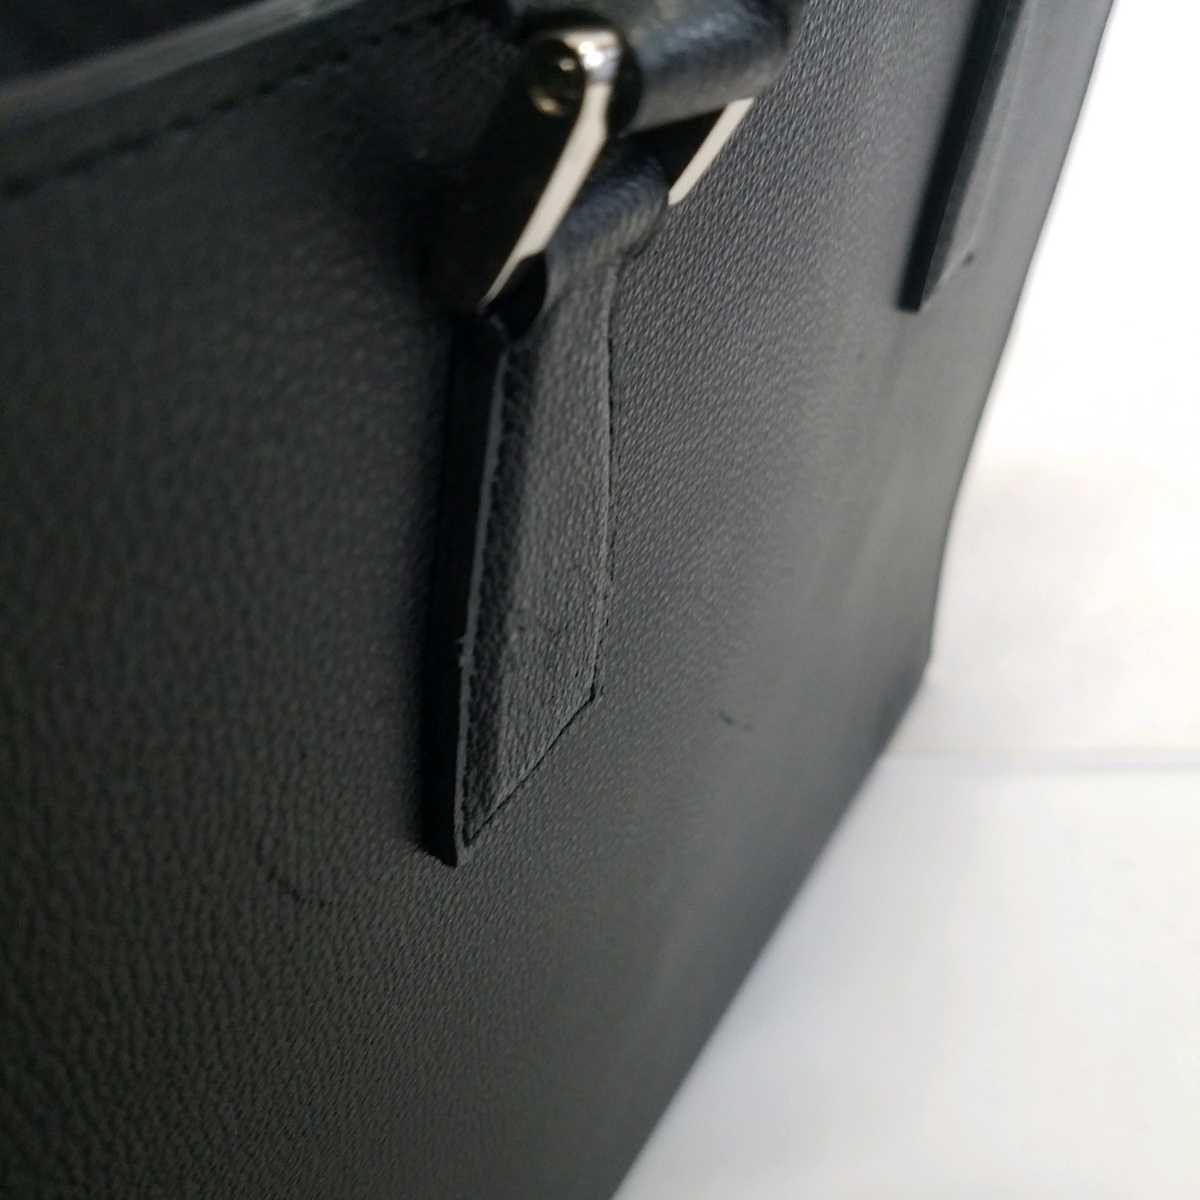 ポーター レザー news ブリーフケース S ビジネスバッグ porter 163-03295 トートバッグ 本革